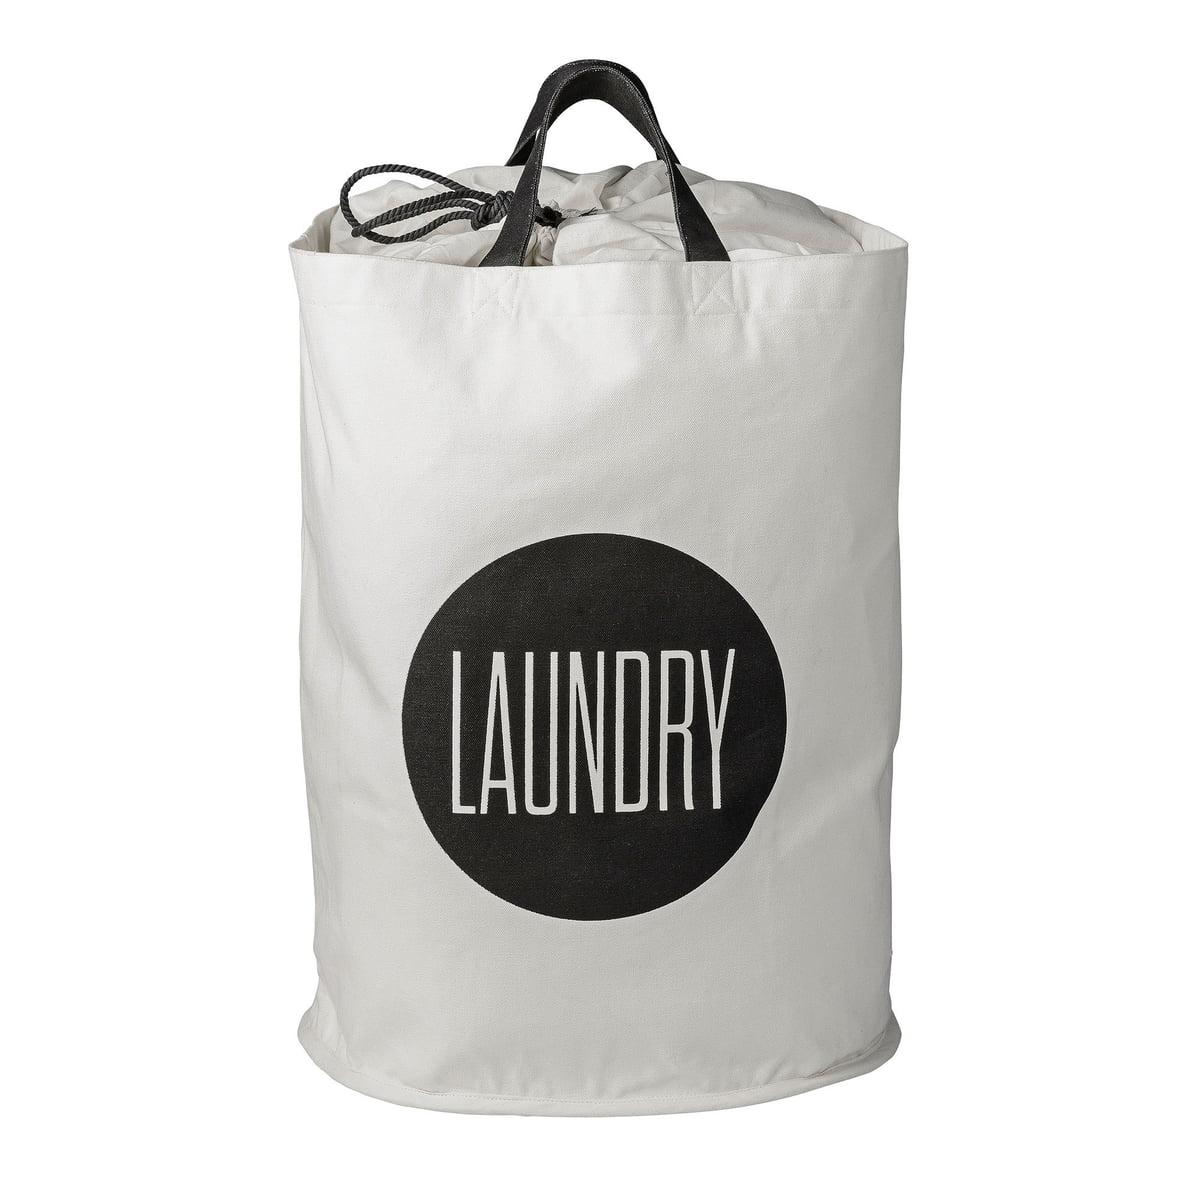 bloomingville w schekorb laundry schwarz wei schwarz wei h 50 online kaufen bei woonio. Black Bedroom Furniture Sets. Home Design Ideas